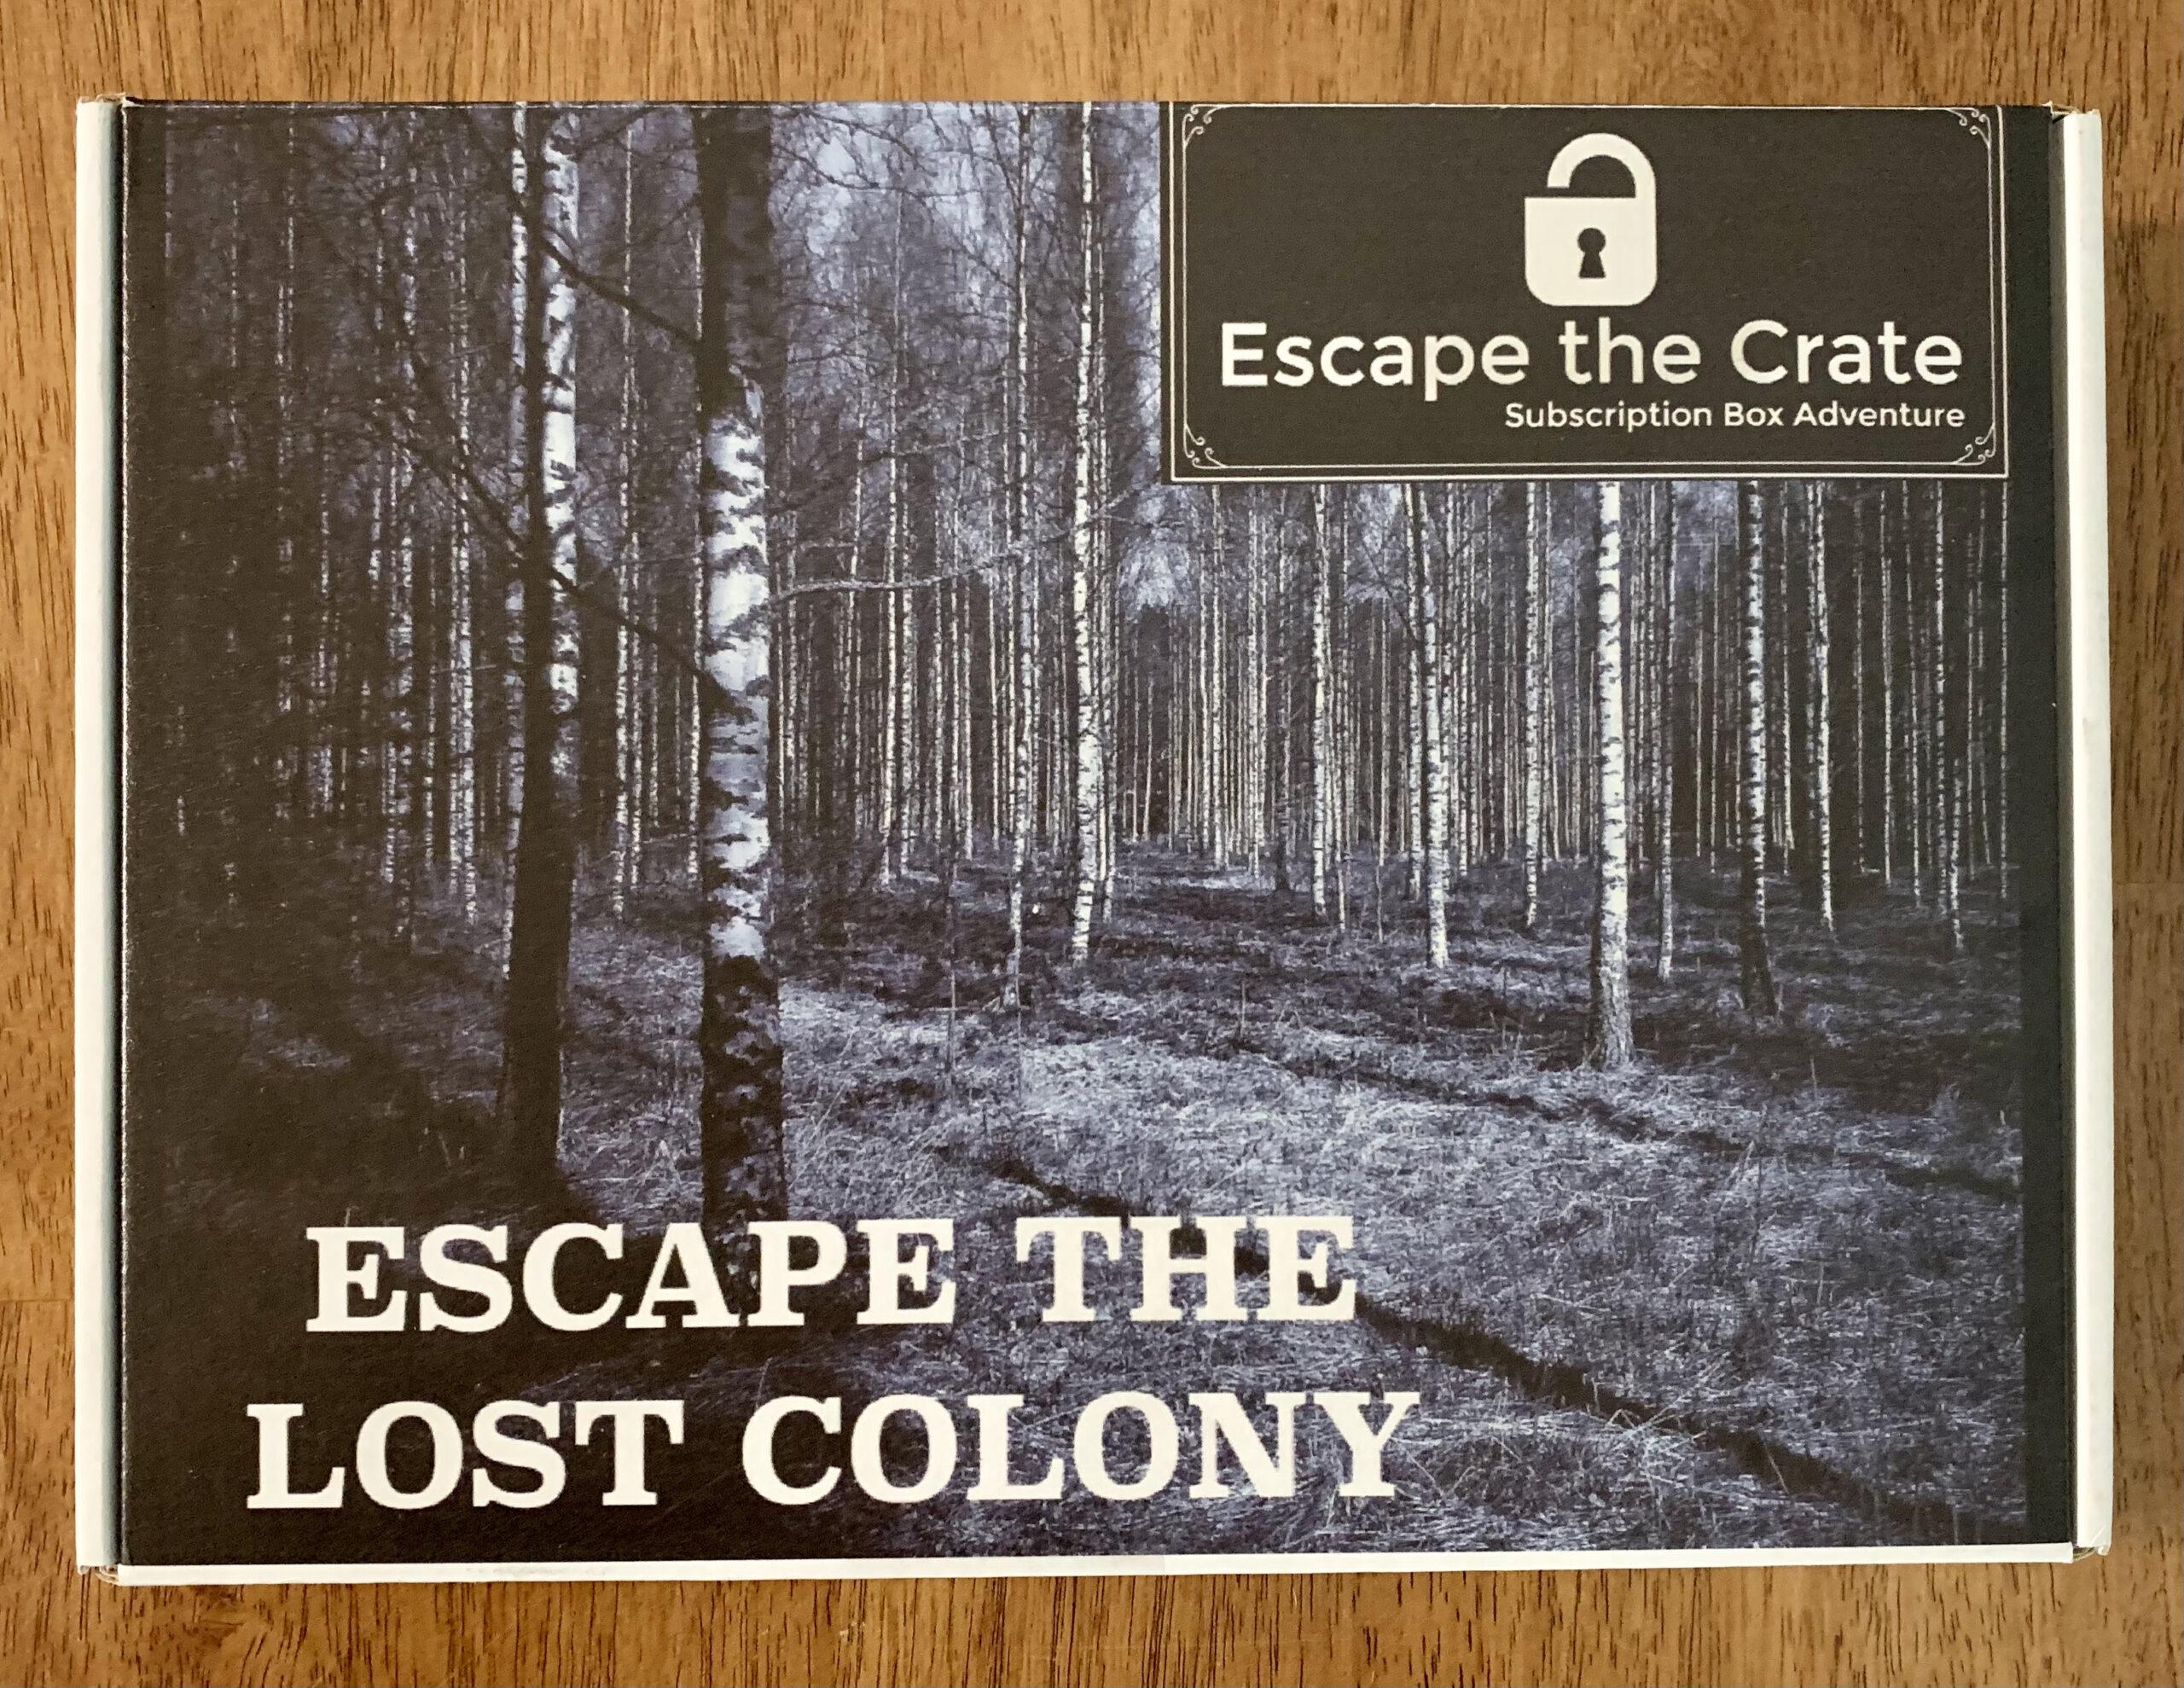 Escape the Lost Colony